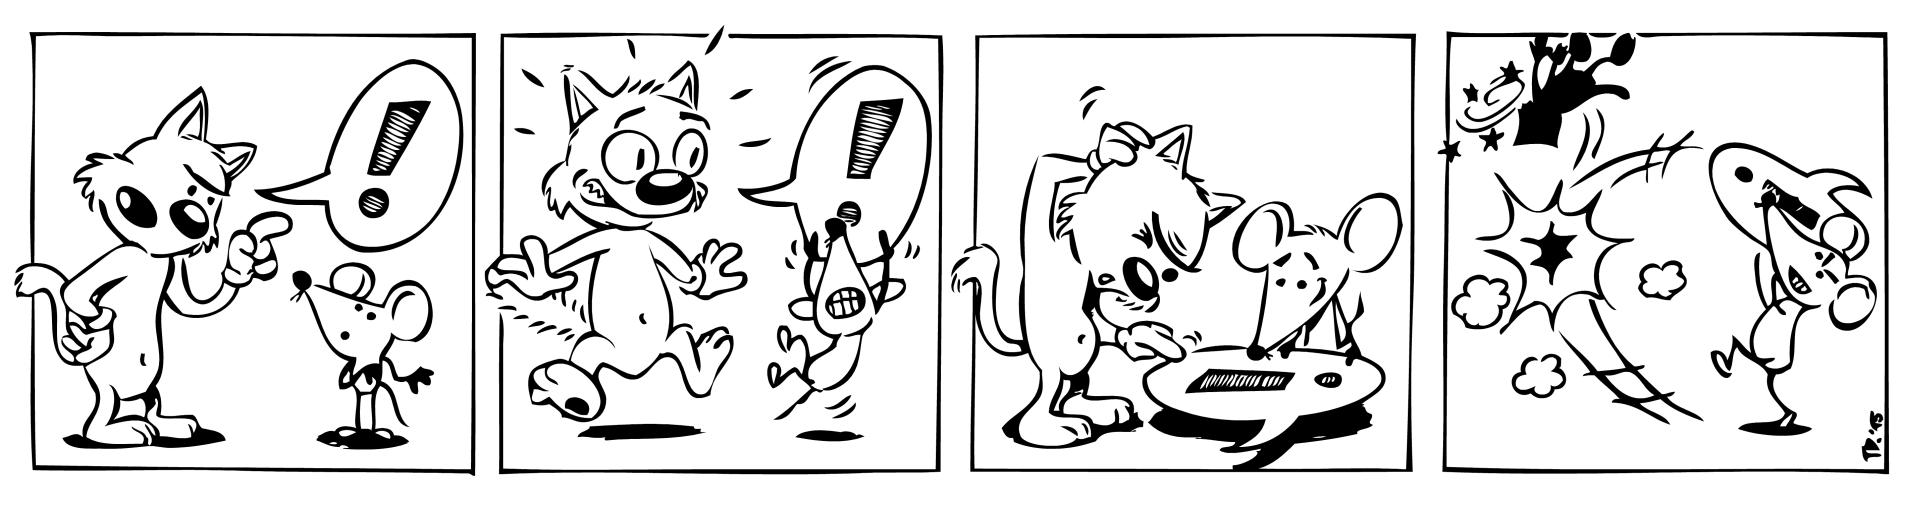 komiksový strip beze slov o kočce a myši